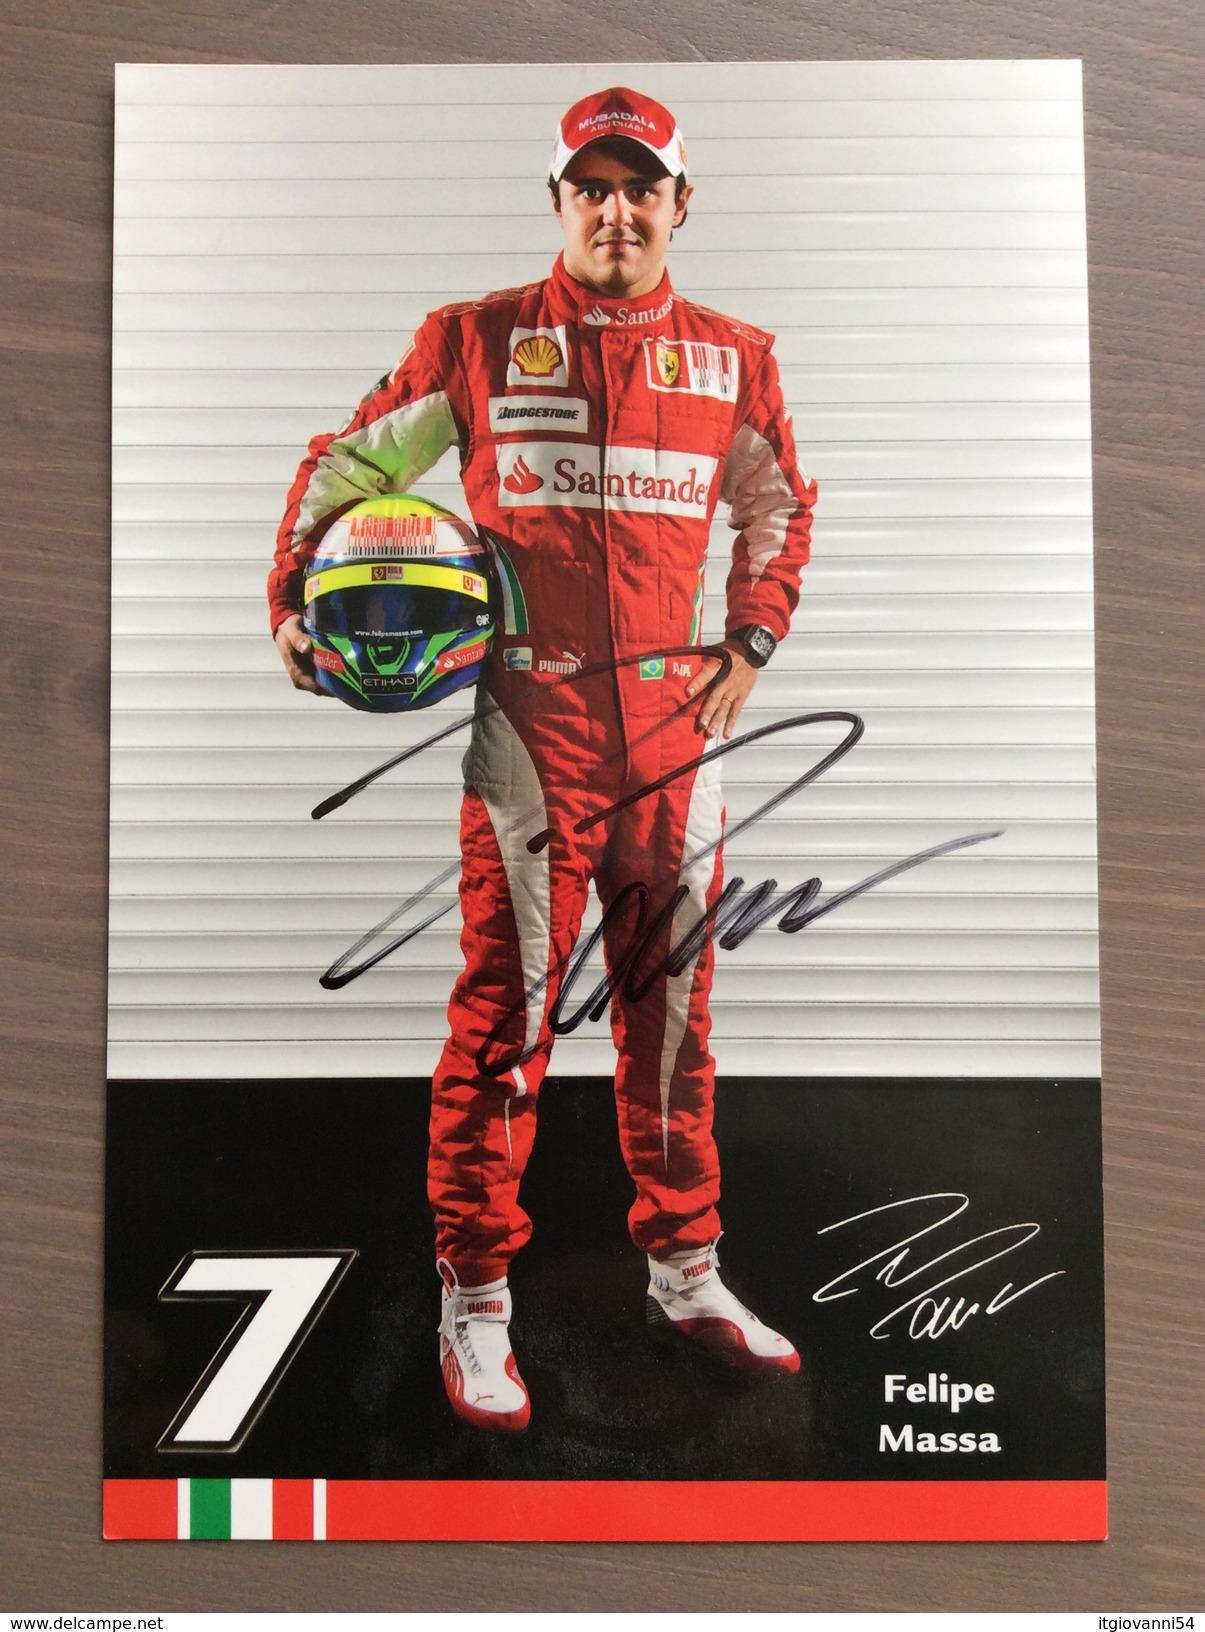 Cartoncino Di Presentazione Felipe Massa Pilota F1 Ferrari CON AUTOGRAFO ORIGINALE - Grand Prix / F1